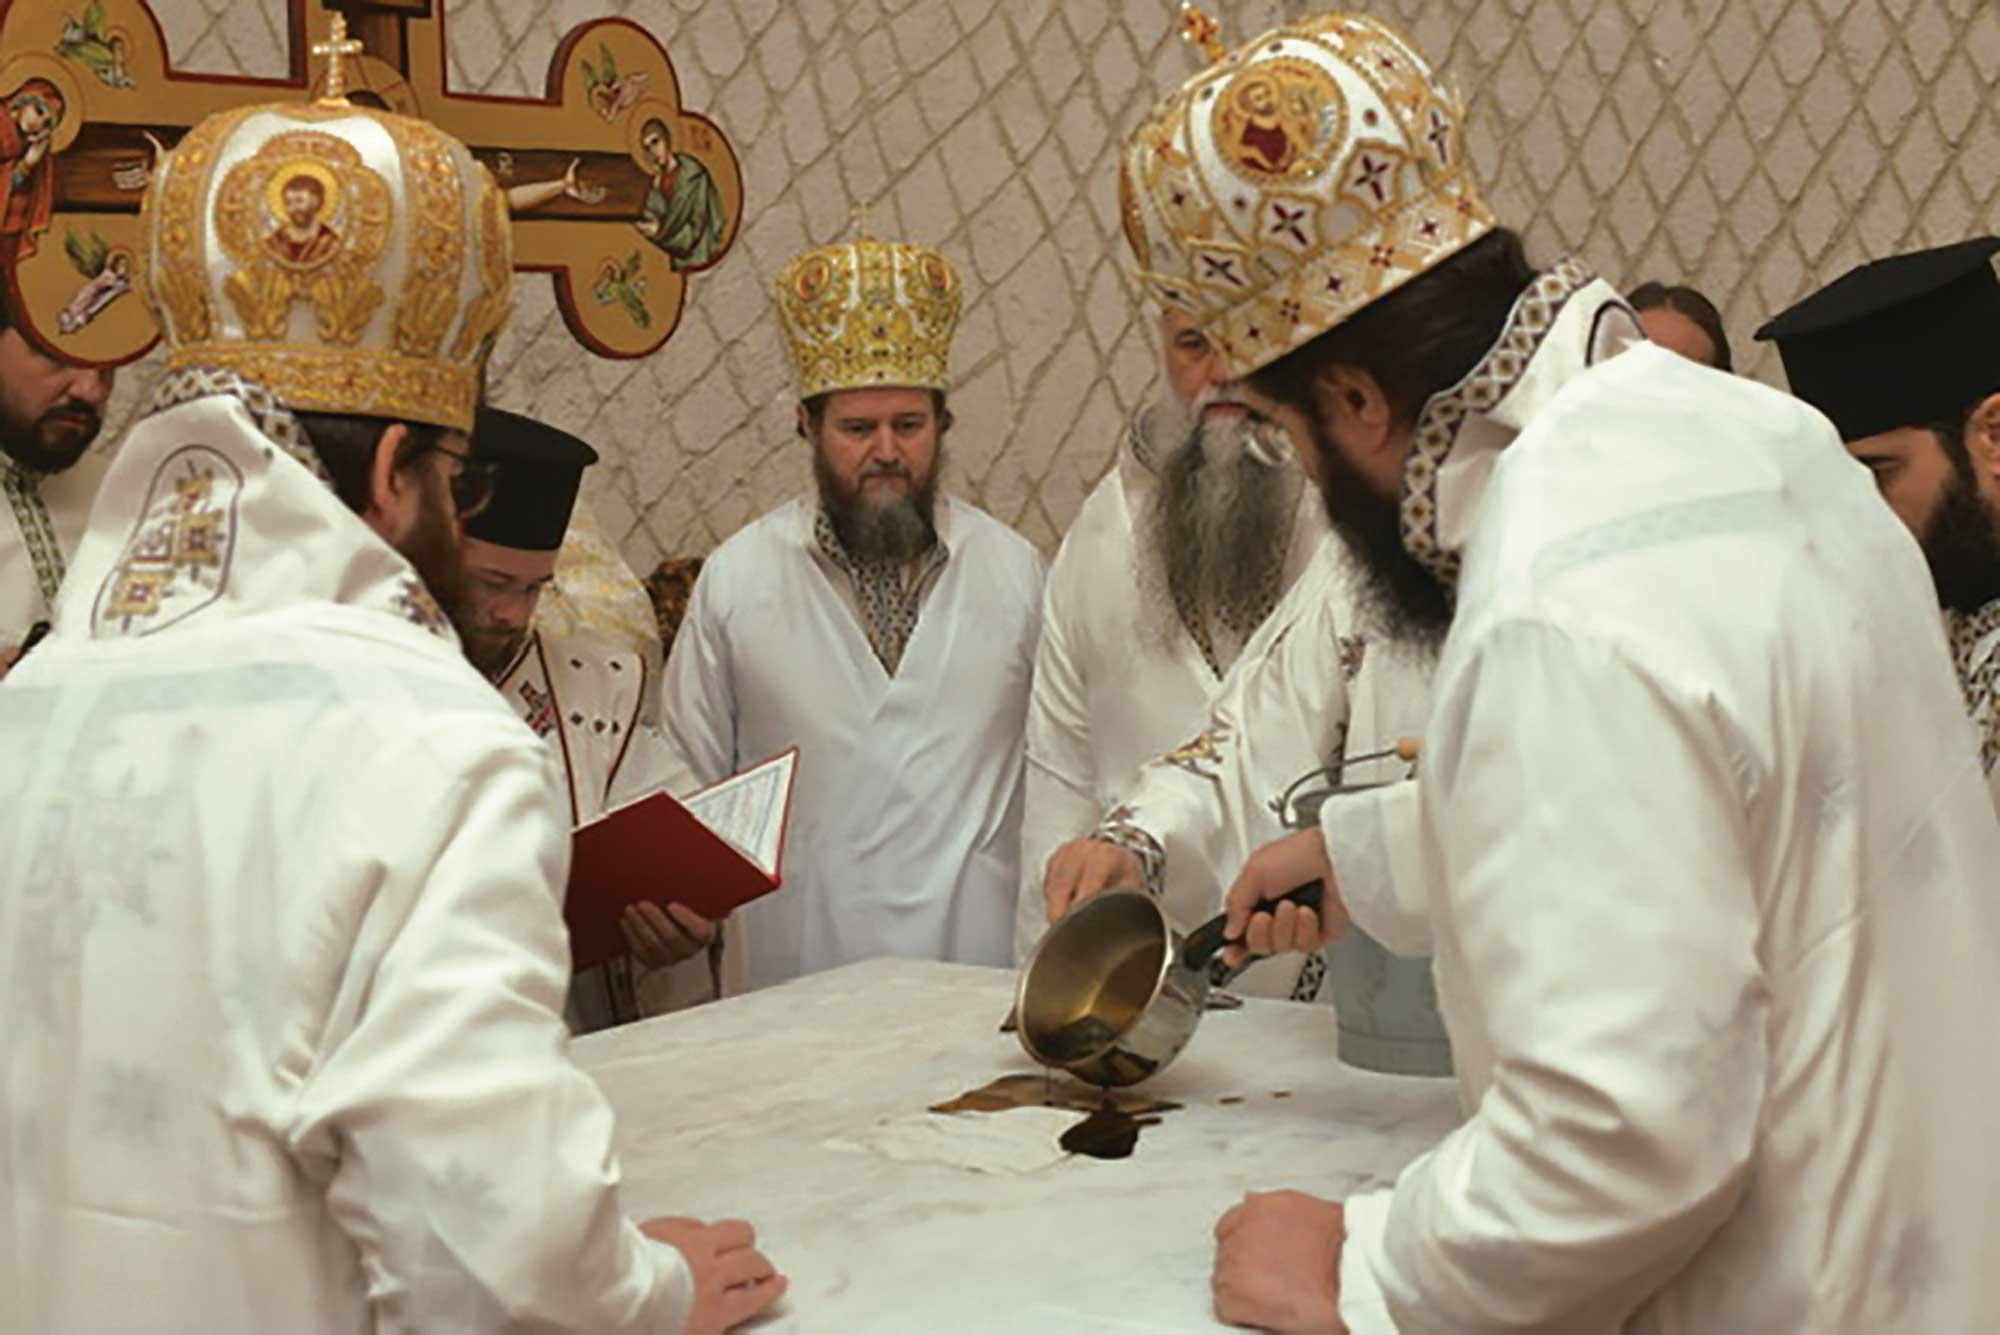 Simpozion de teologie ortodoxă la Montreal, Canada